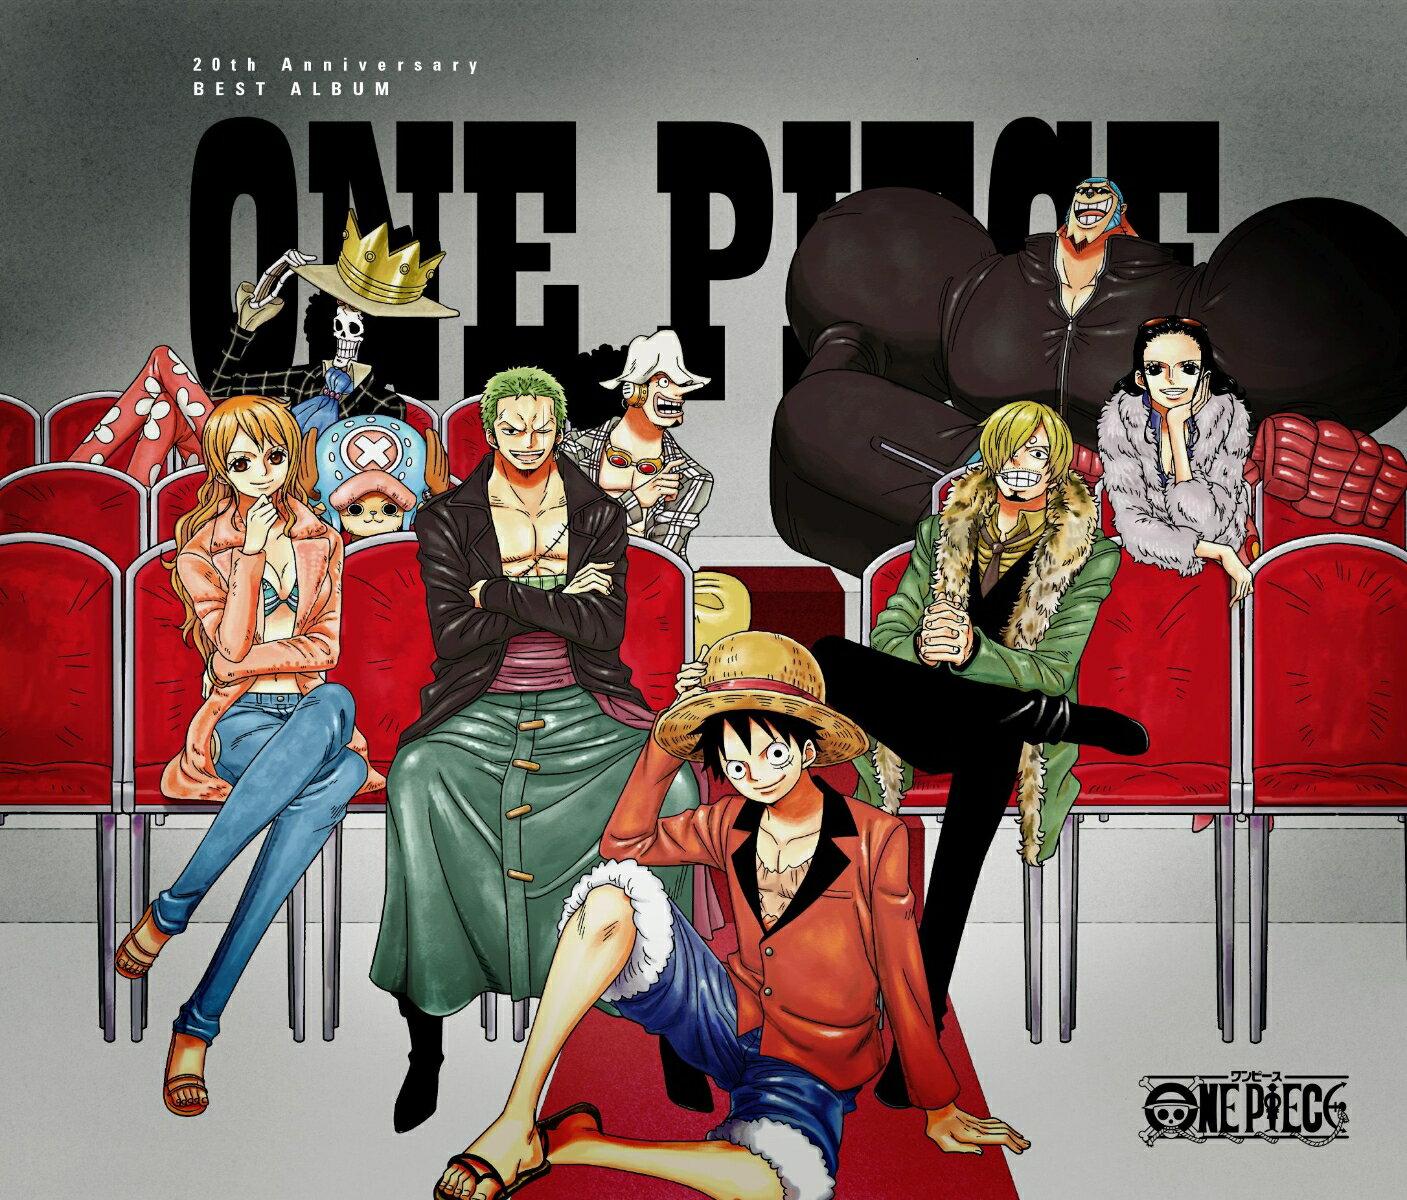 ONE PIECE 20th Anniversary BEST ALBUM画像